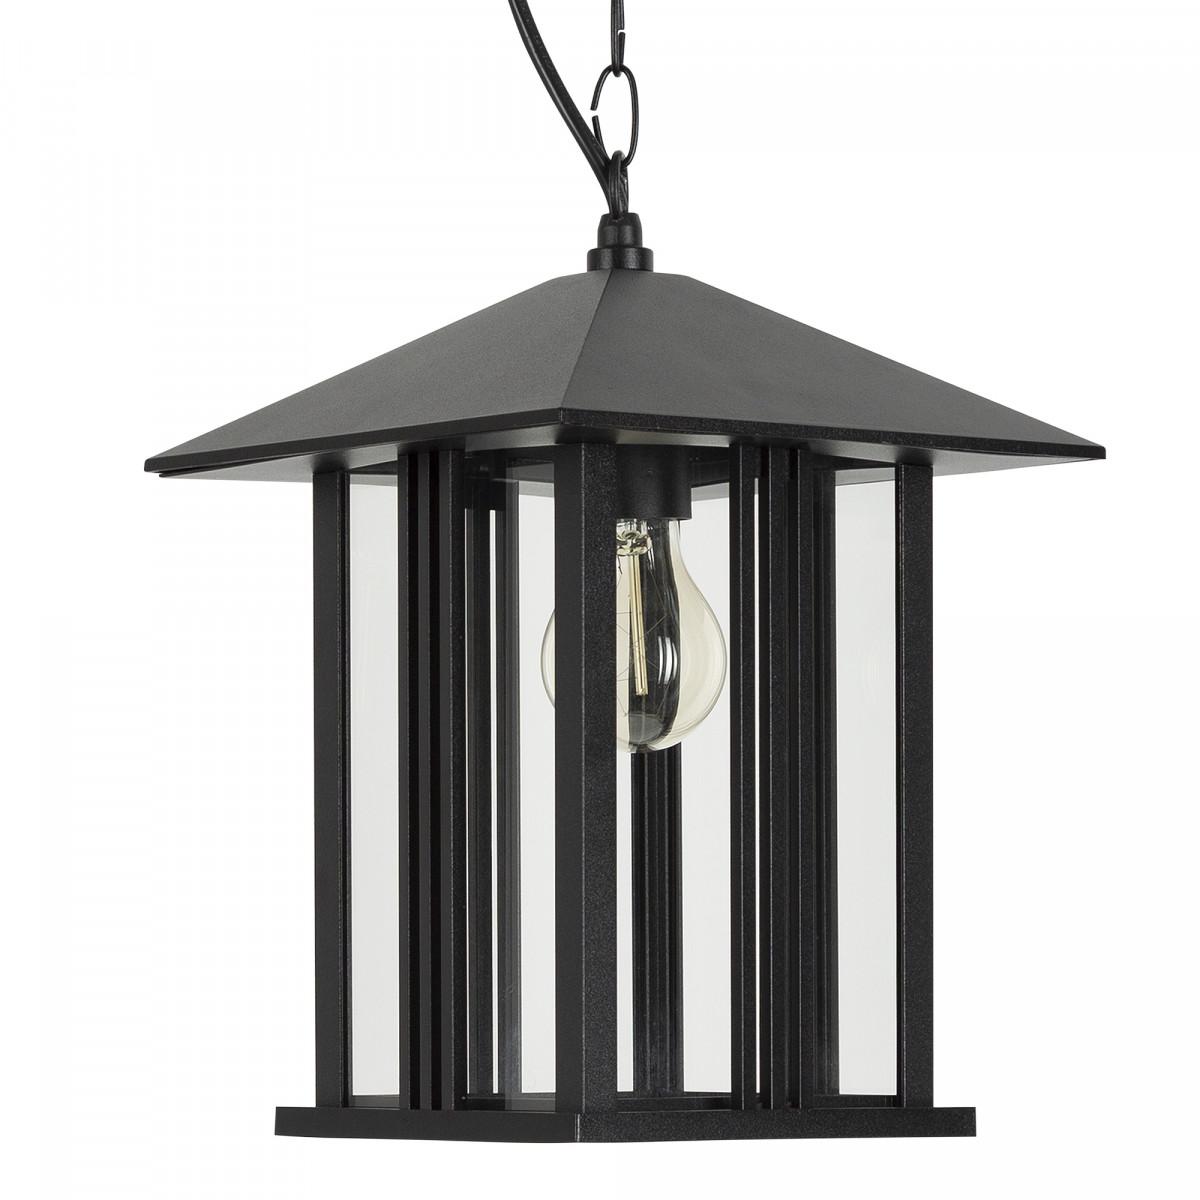 zwarte hanglamp aan ketting inclusief plafondplaat, heldere beglazing, e27 fitting, verandalamp, lamp aan ketting voor buiten onder afdak